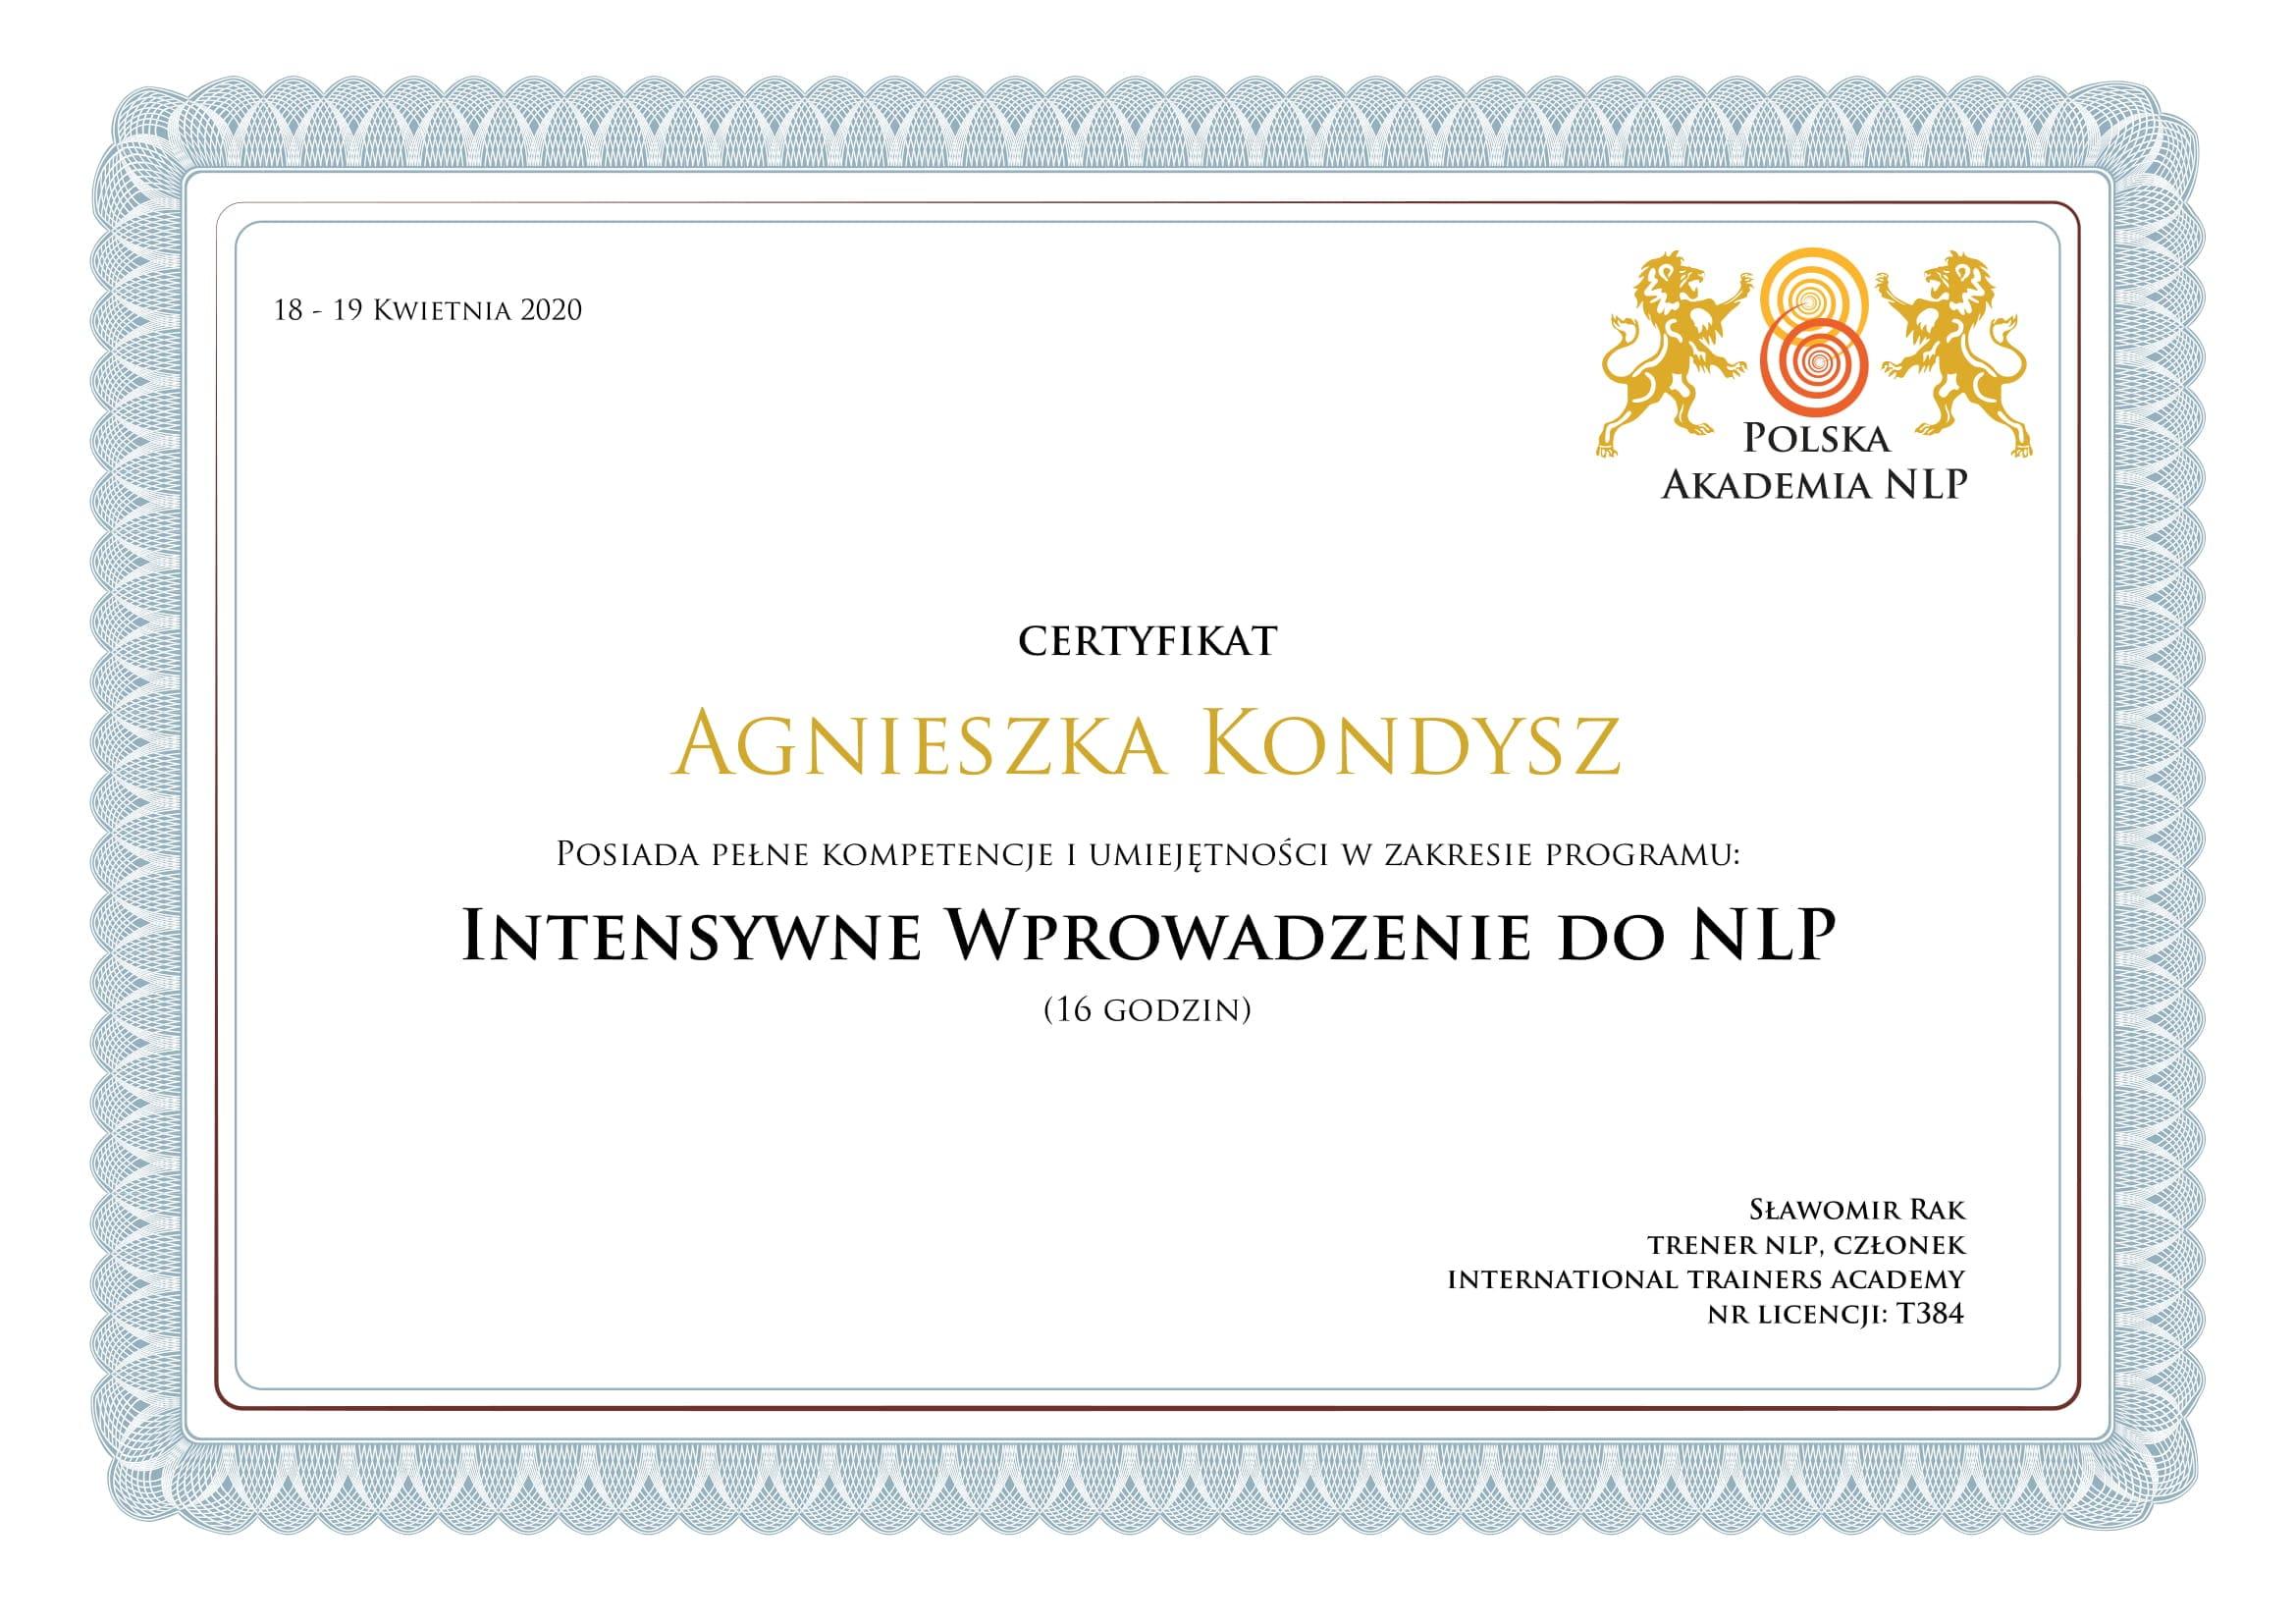 2_Agnieszka Kondysz-1-min